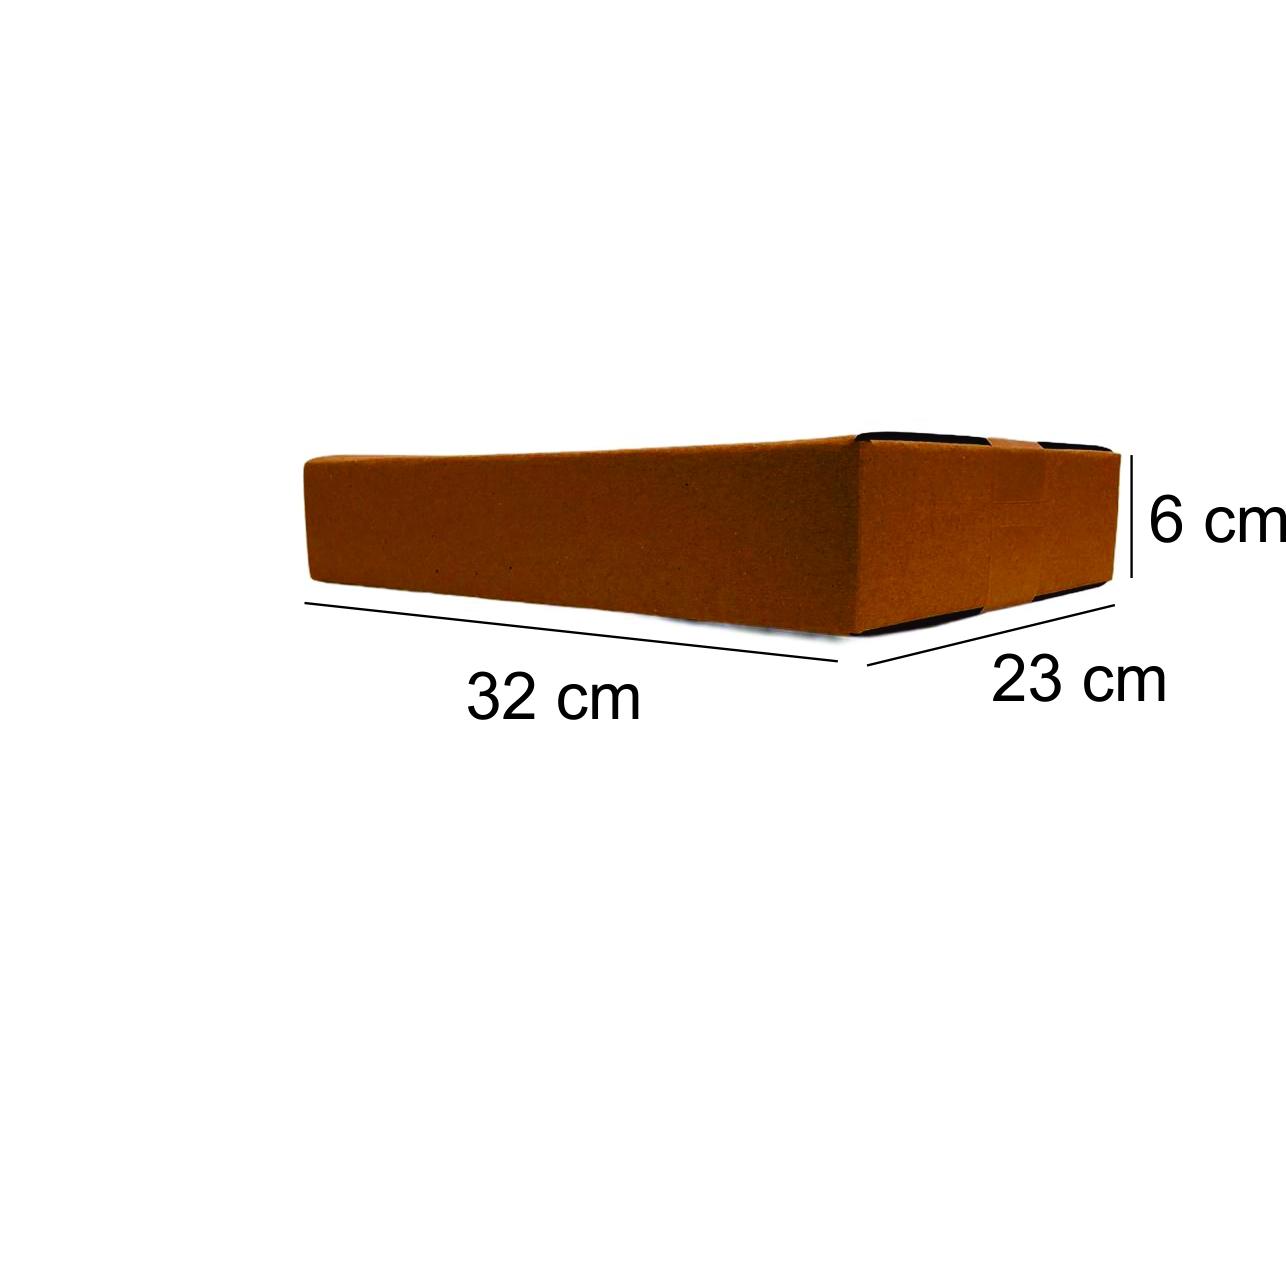 25 Caixas de Papelao (32X23X6)cm - Sedex / Pac / Correios